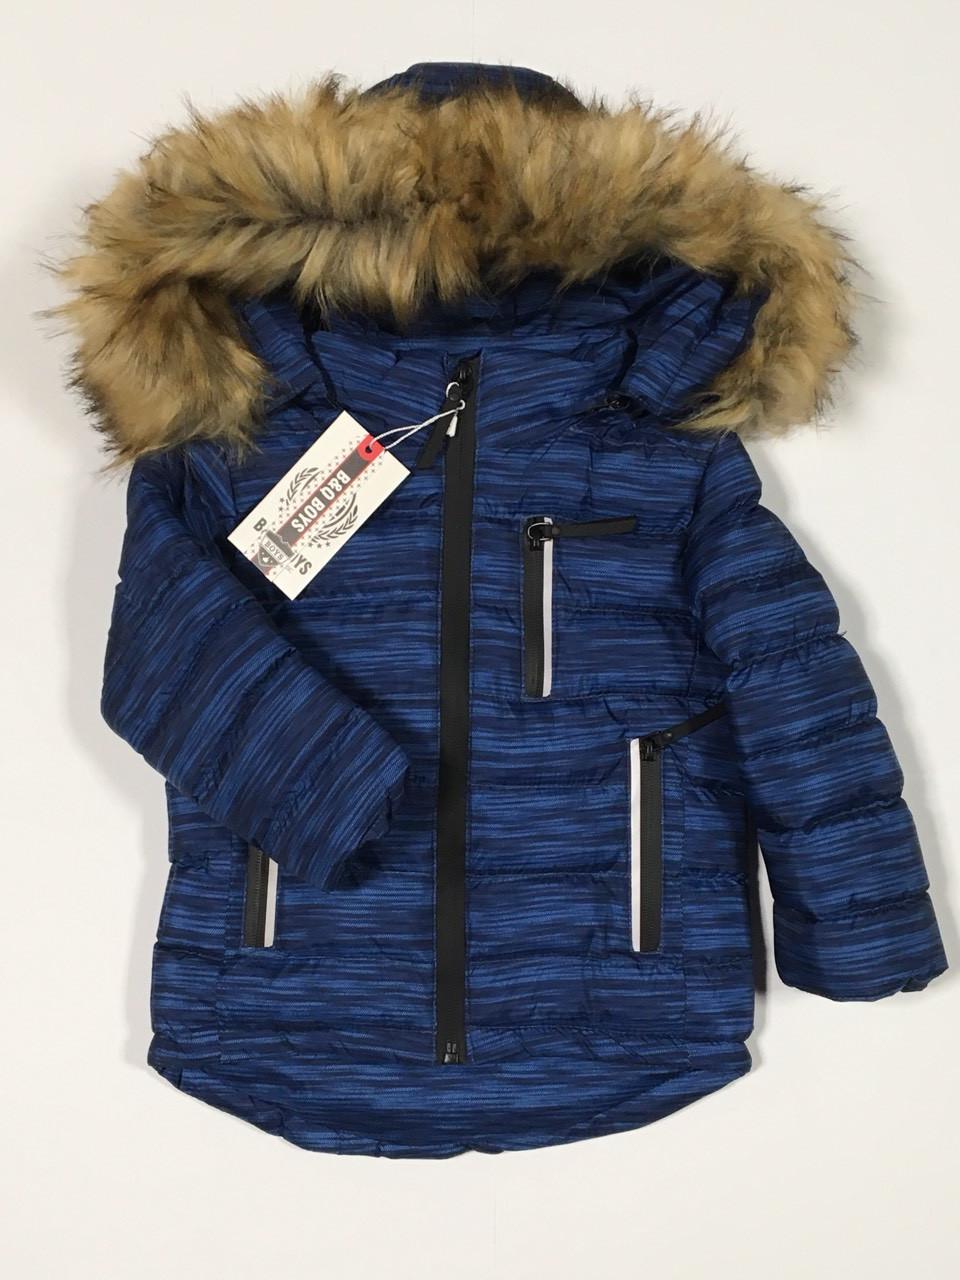 4cc9a52869da Зимняя куртка на мальчика Польша 4-12лет: продажа, цена в ...